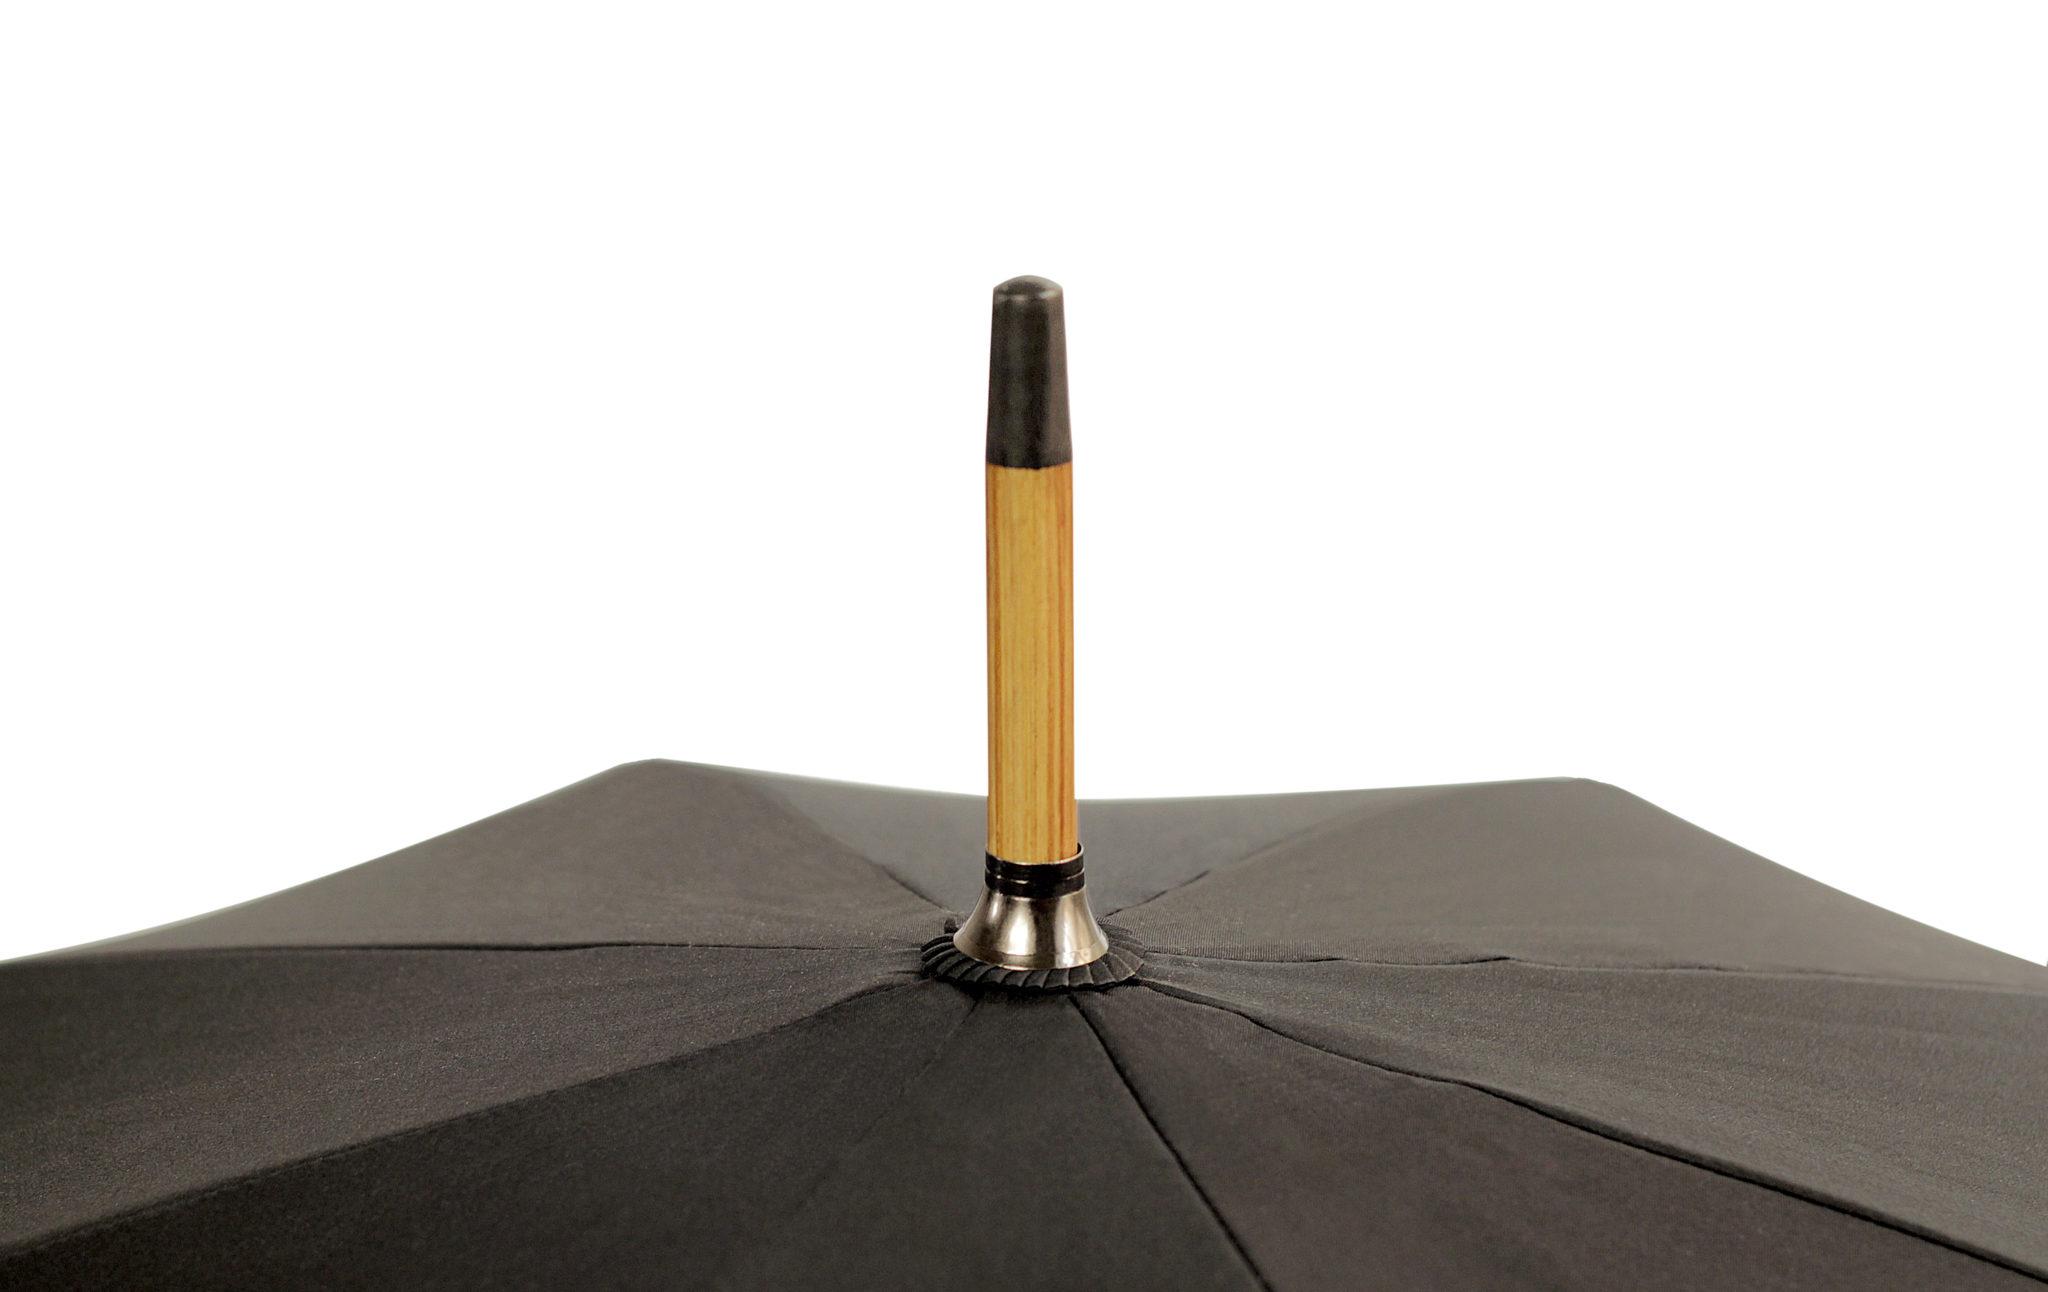 les embouts parapluie long color - Parapluie Color